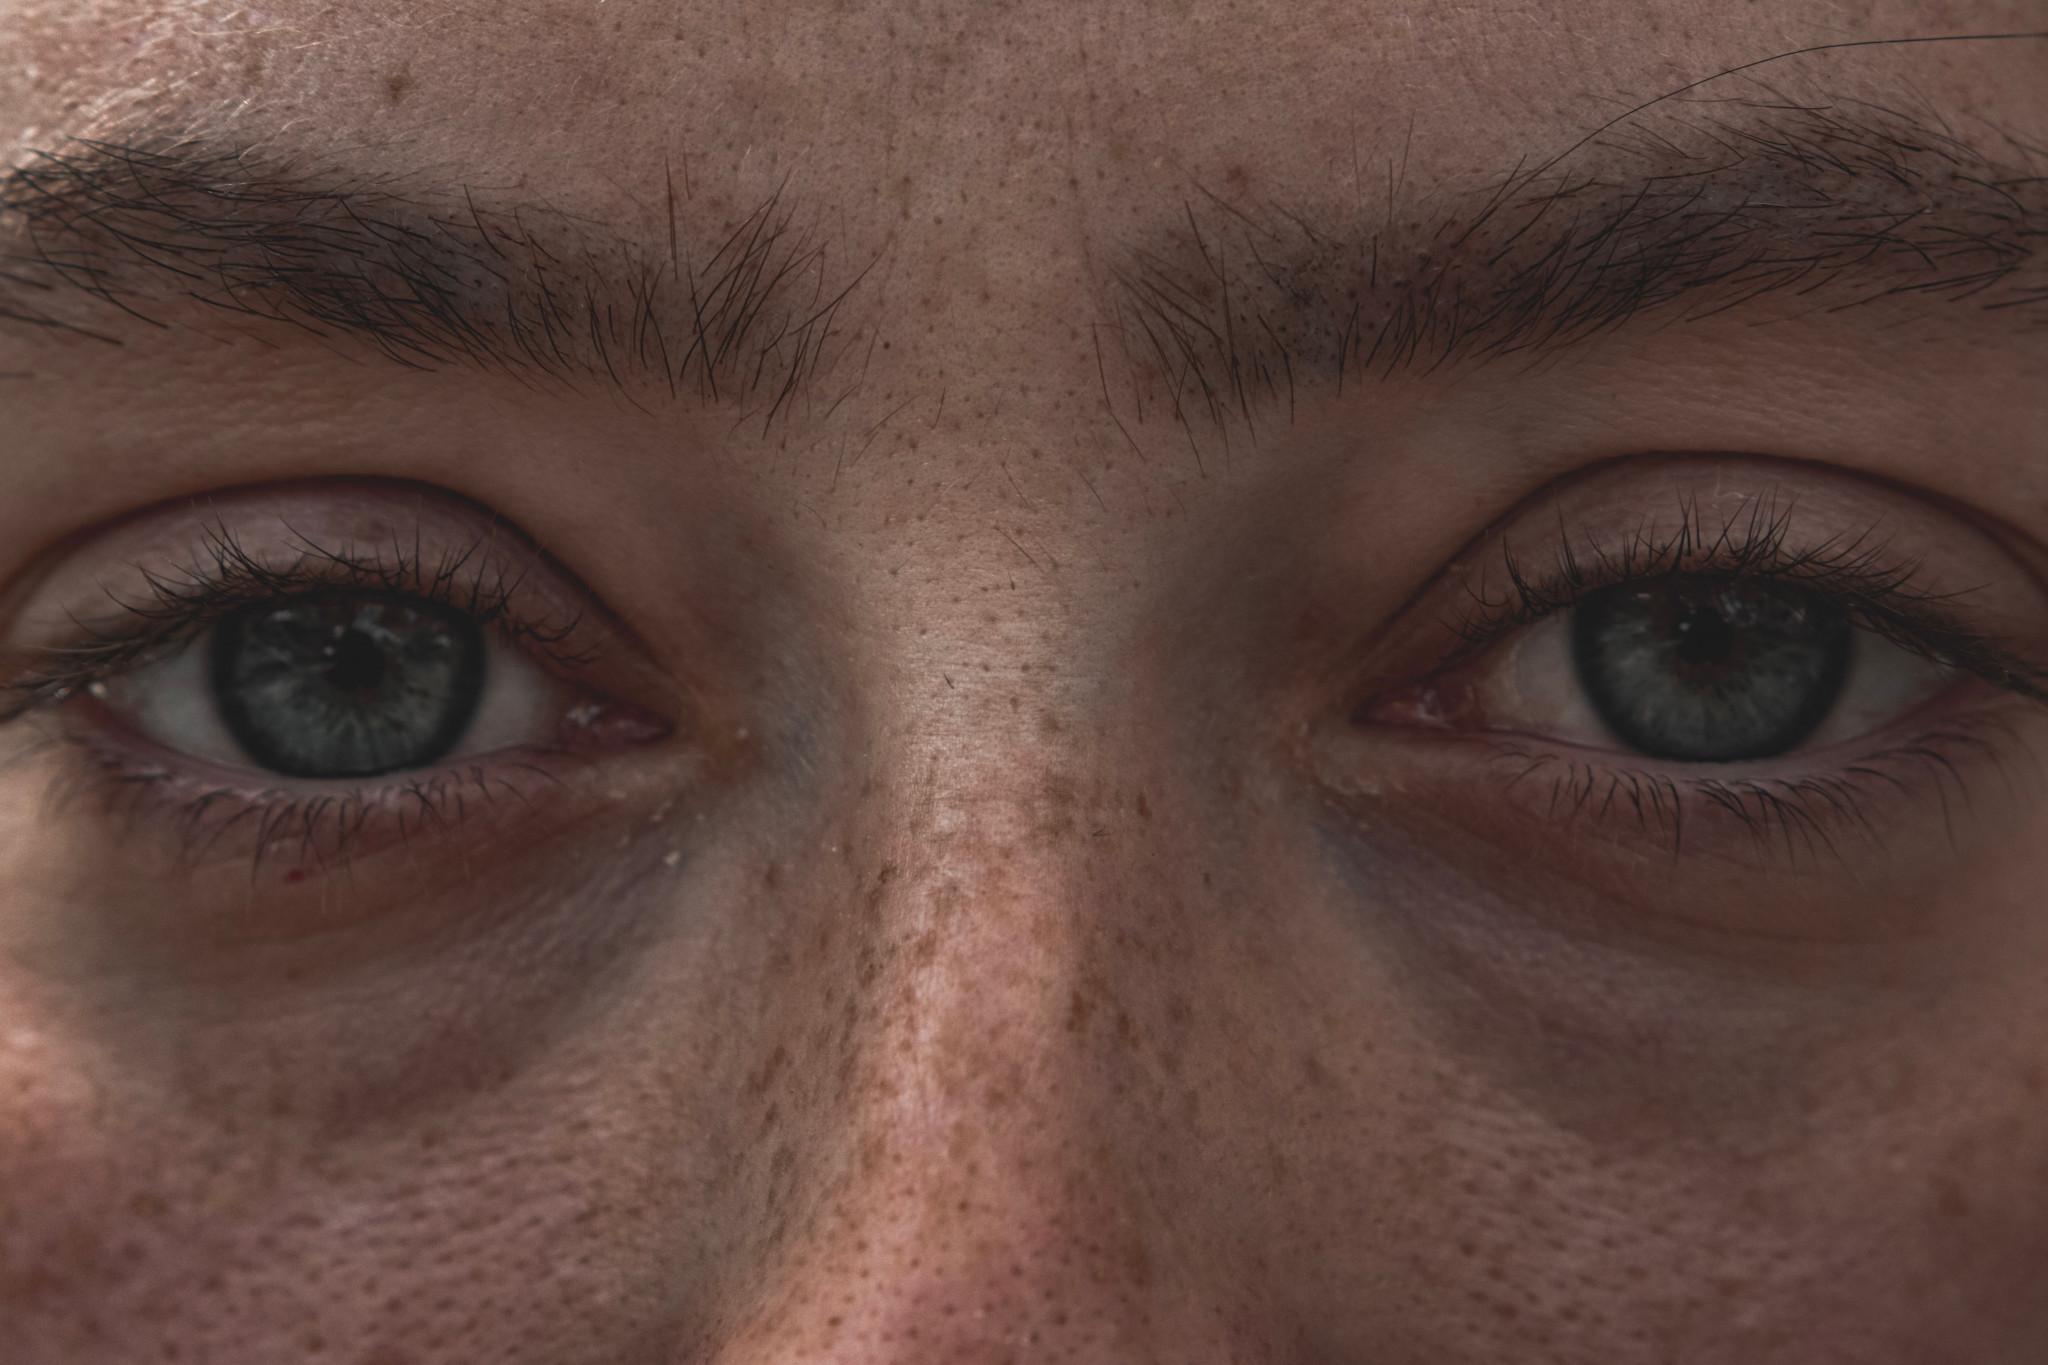 Fräknig, blåögd person i fokus.